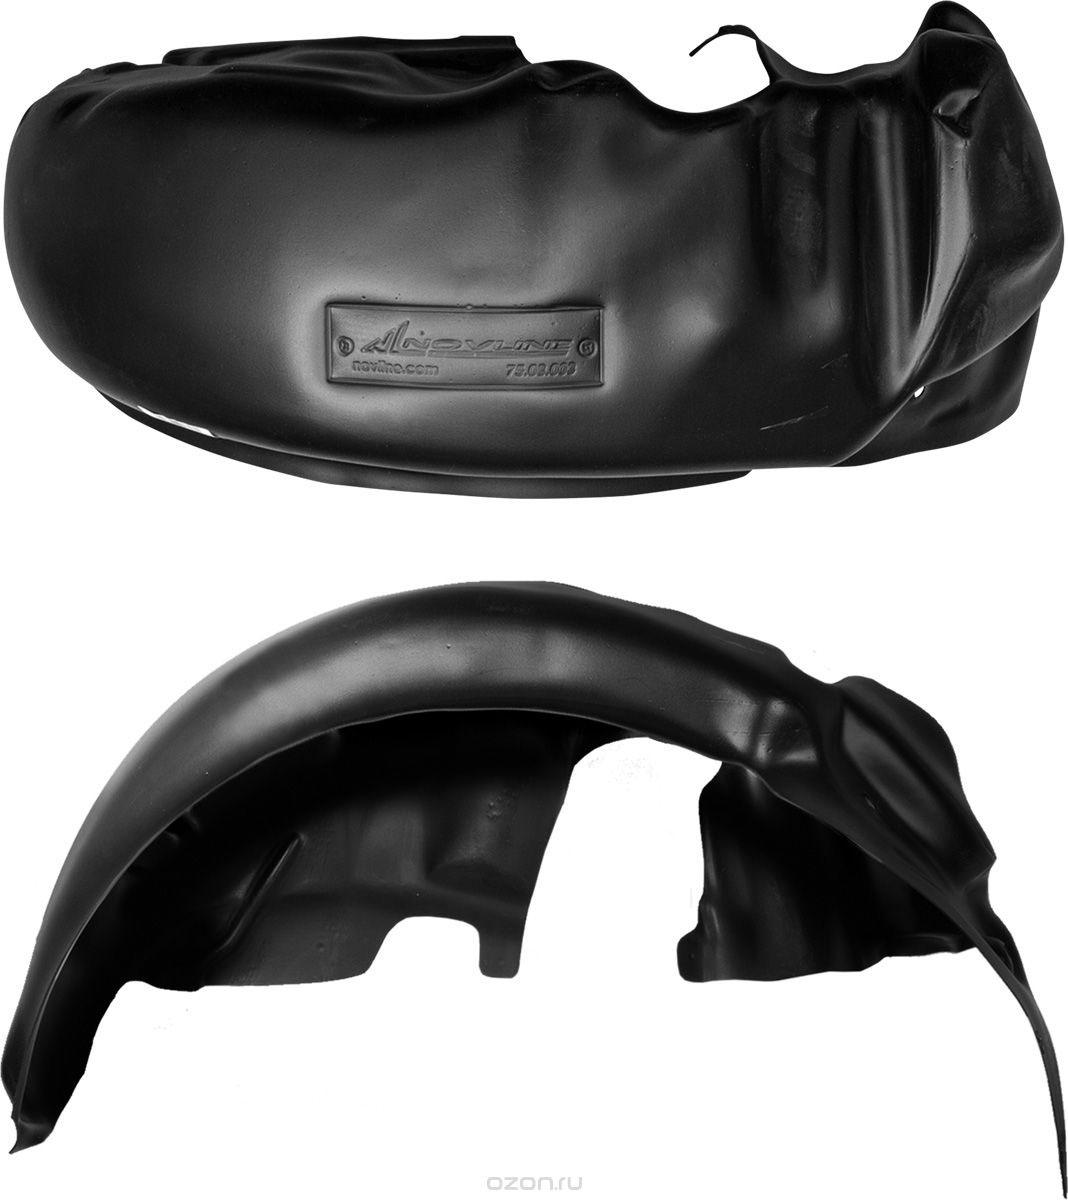 Подкрылок Novline-Autofamily, для Chery Tiggo FL, 2013->, передний правыйNLL.77.07.002Идеальная защита колесной ниши. Локеры разработаны с применением цифровых технологий, гарантируют максимальную повторяемость поверхности арки. Изделия устанавливаются без нарушения лакокрасочного покрытия автомобиля, каждый подкрылок комплектуется крепежом. Уважаемые клиенты, обращаем ваше внимание, что фотографии на подкрылки универсальные и не отражают реальную форму изделия. При этом само изделие идет точно под размер указанного автомобиля.